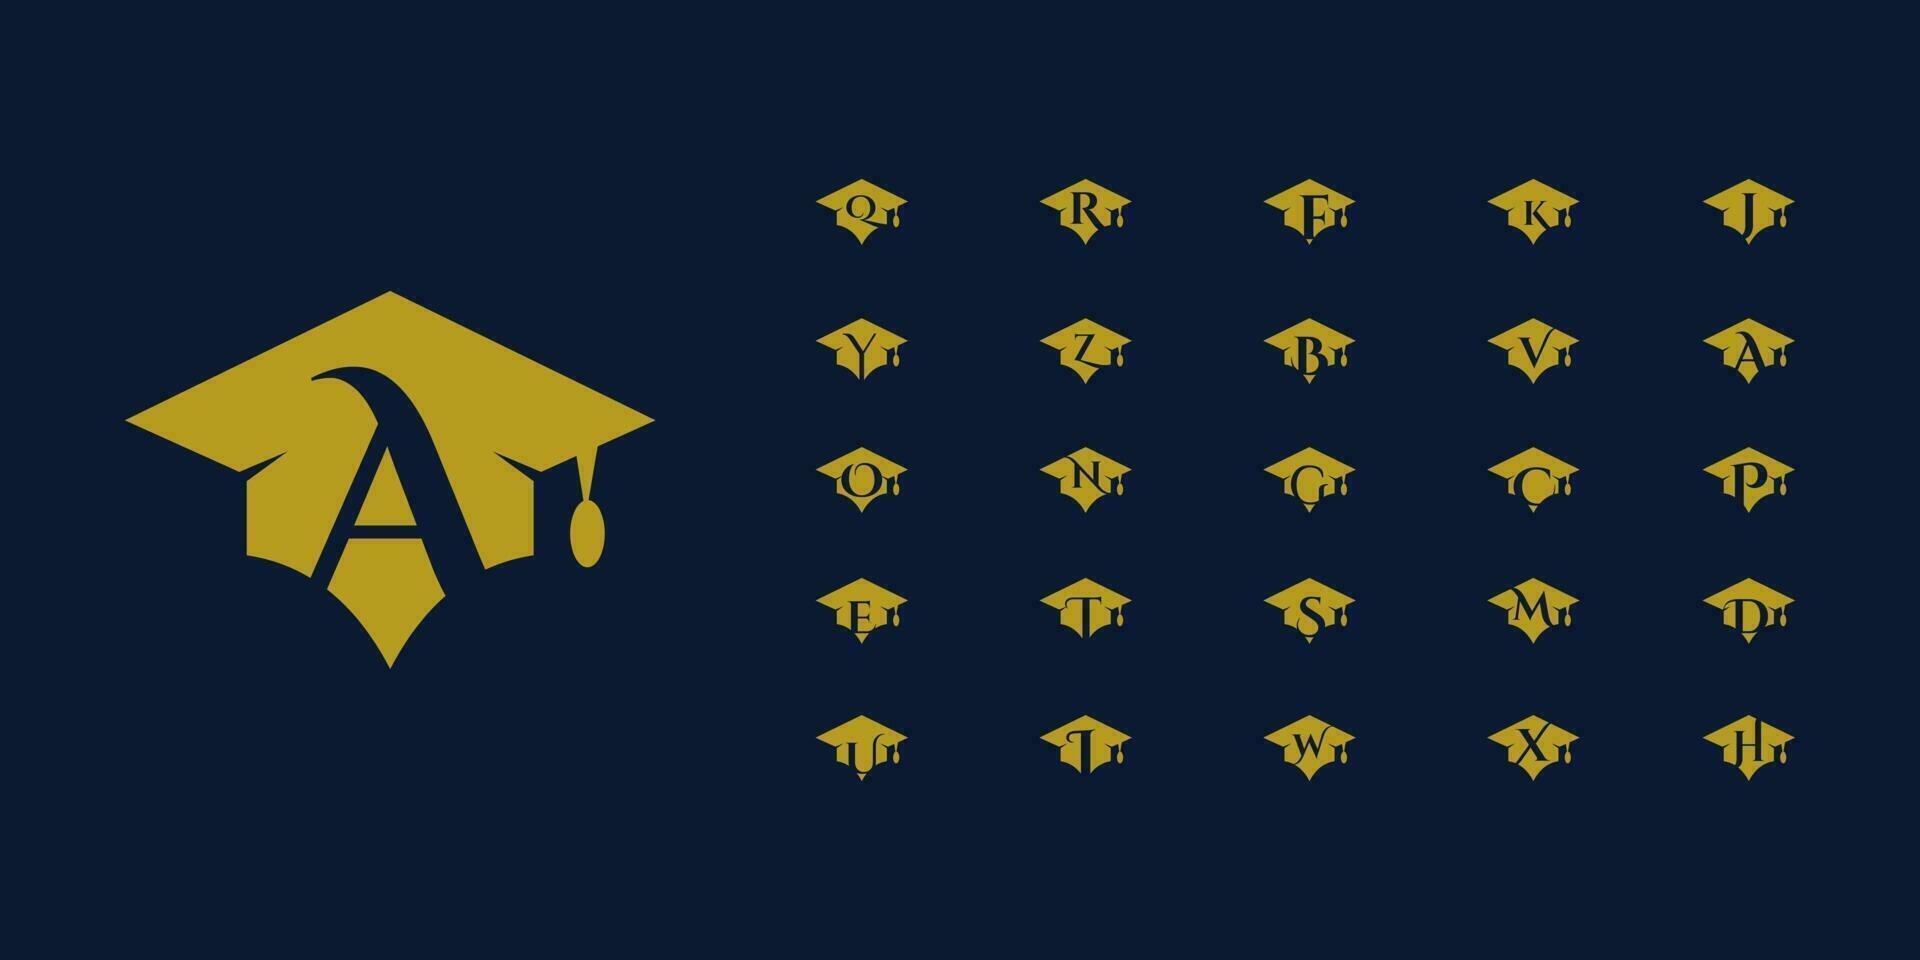 eerste alfabet bundel hoed logo-ontwerp vector